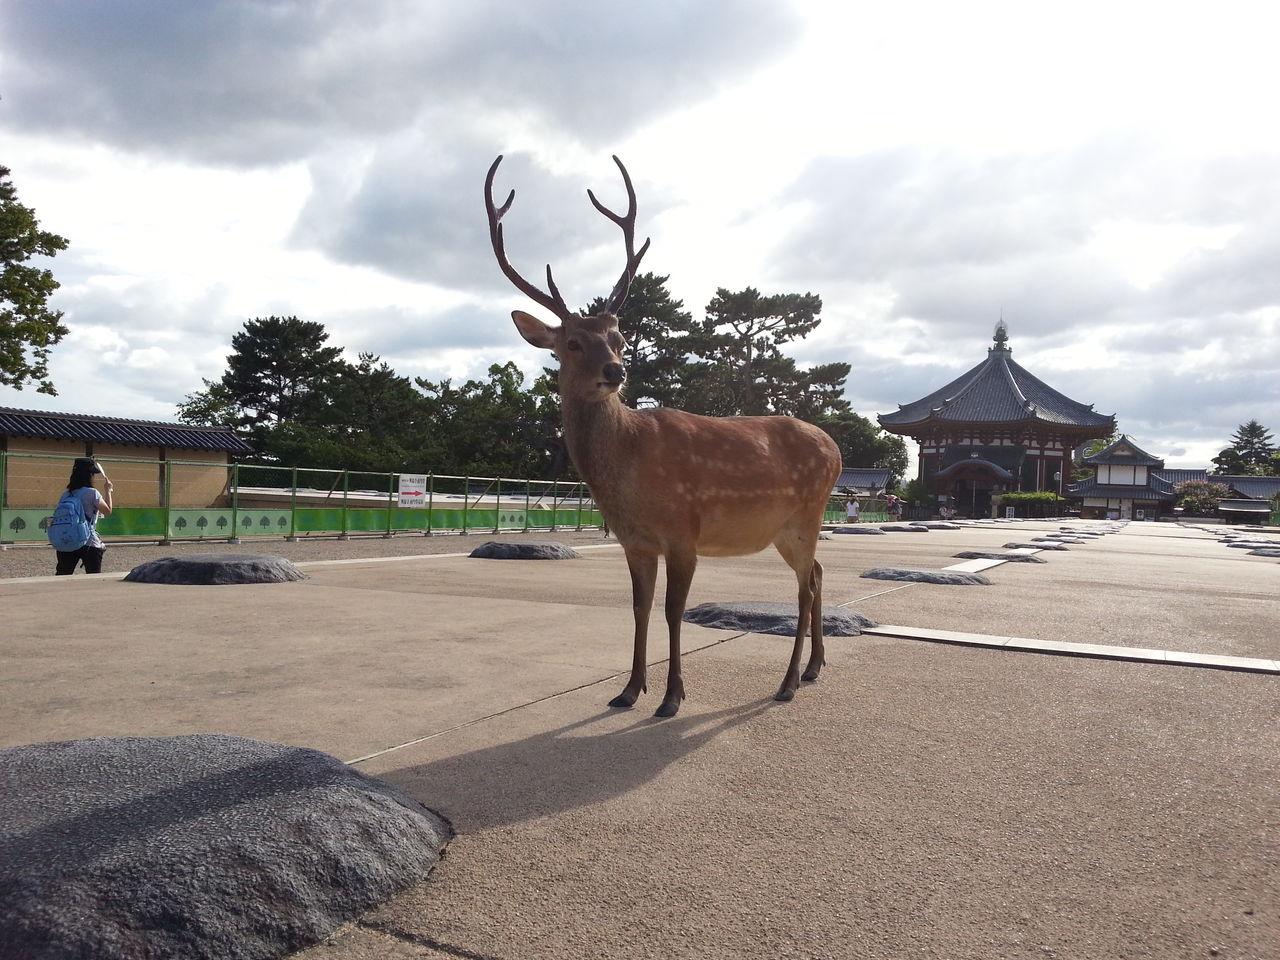 鹿の立つ姿がとてもかっこいい